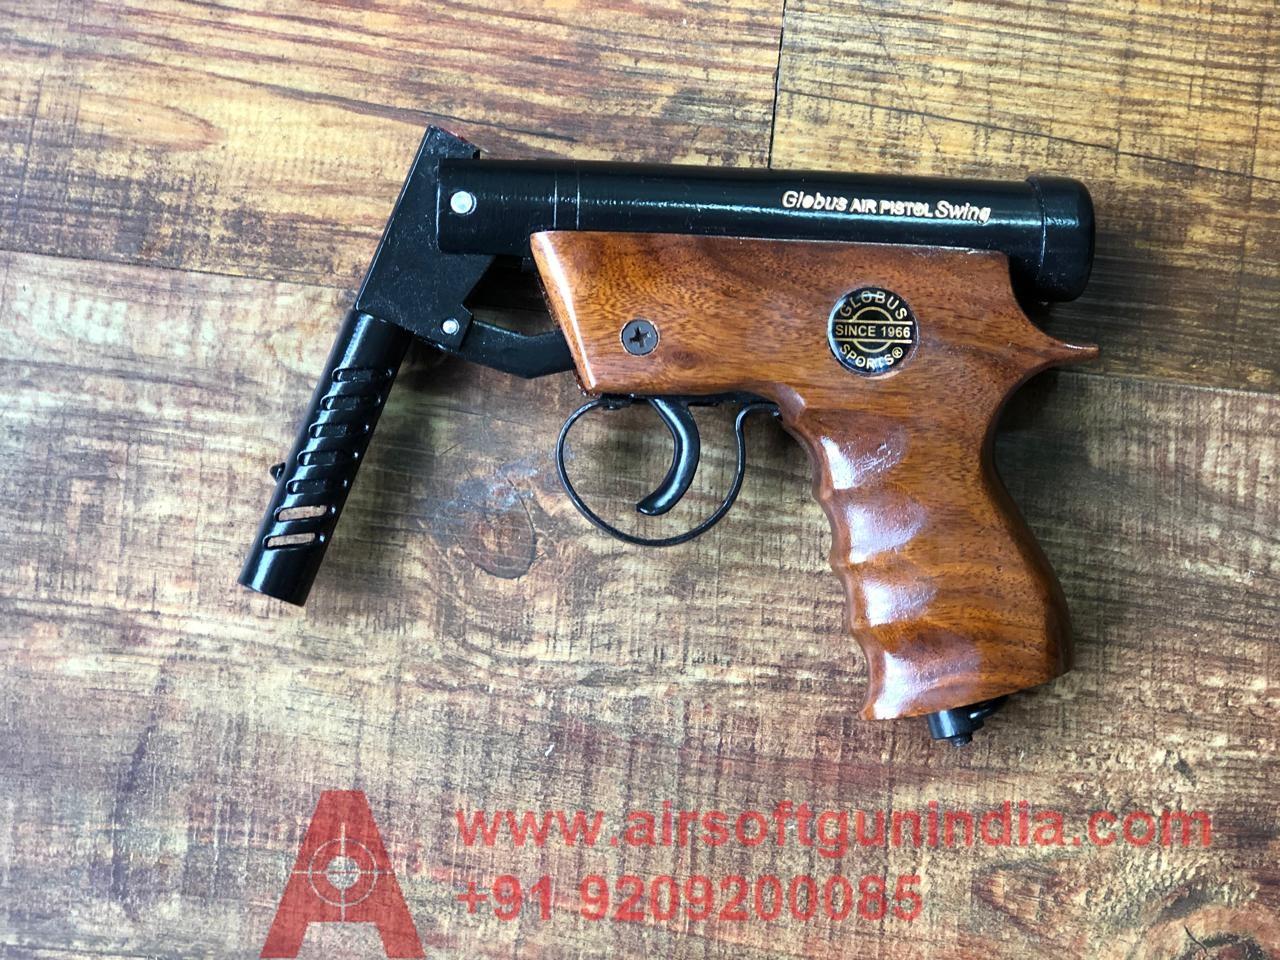 Globus Swing Wooden Sports Air Gun By Airsoft Gun India